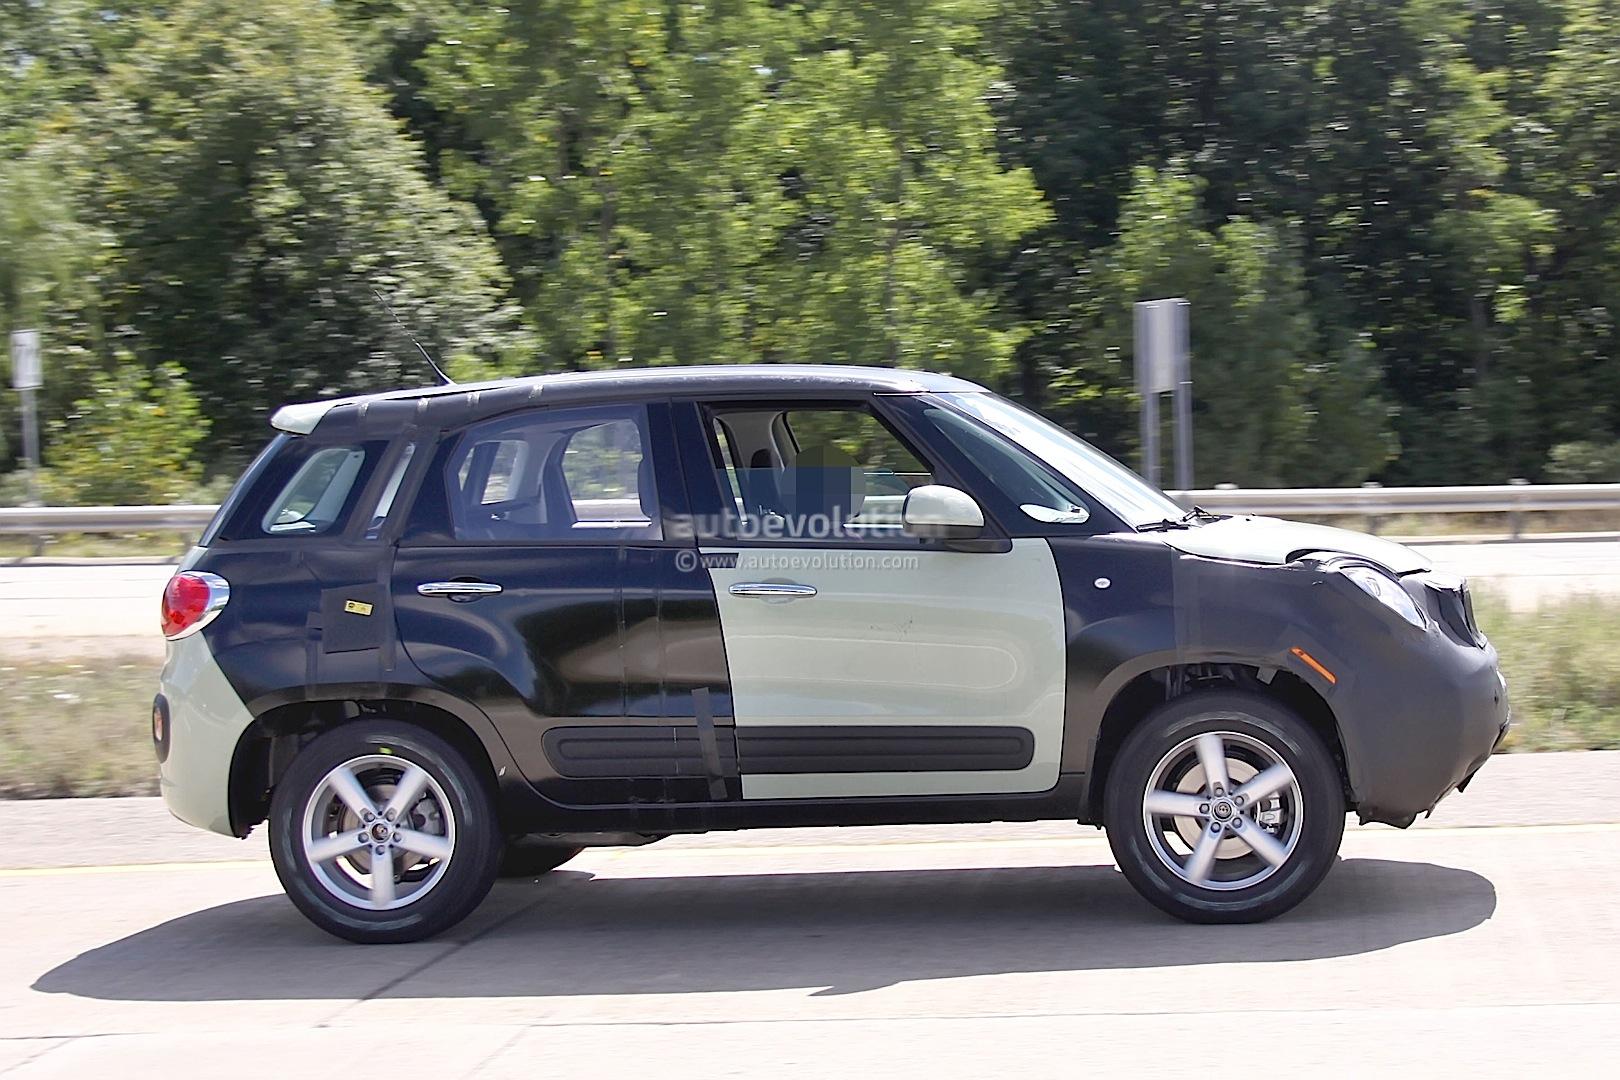 Spyshots 2015 Jeep B-suv    Fiat 500x Test Mule